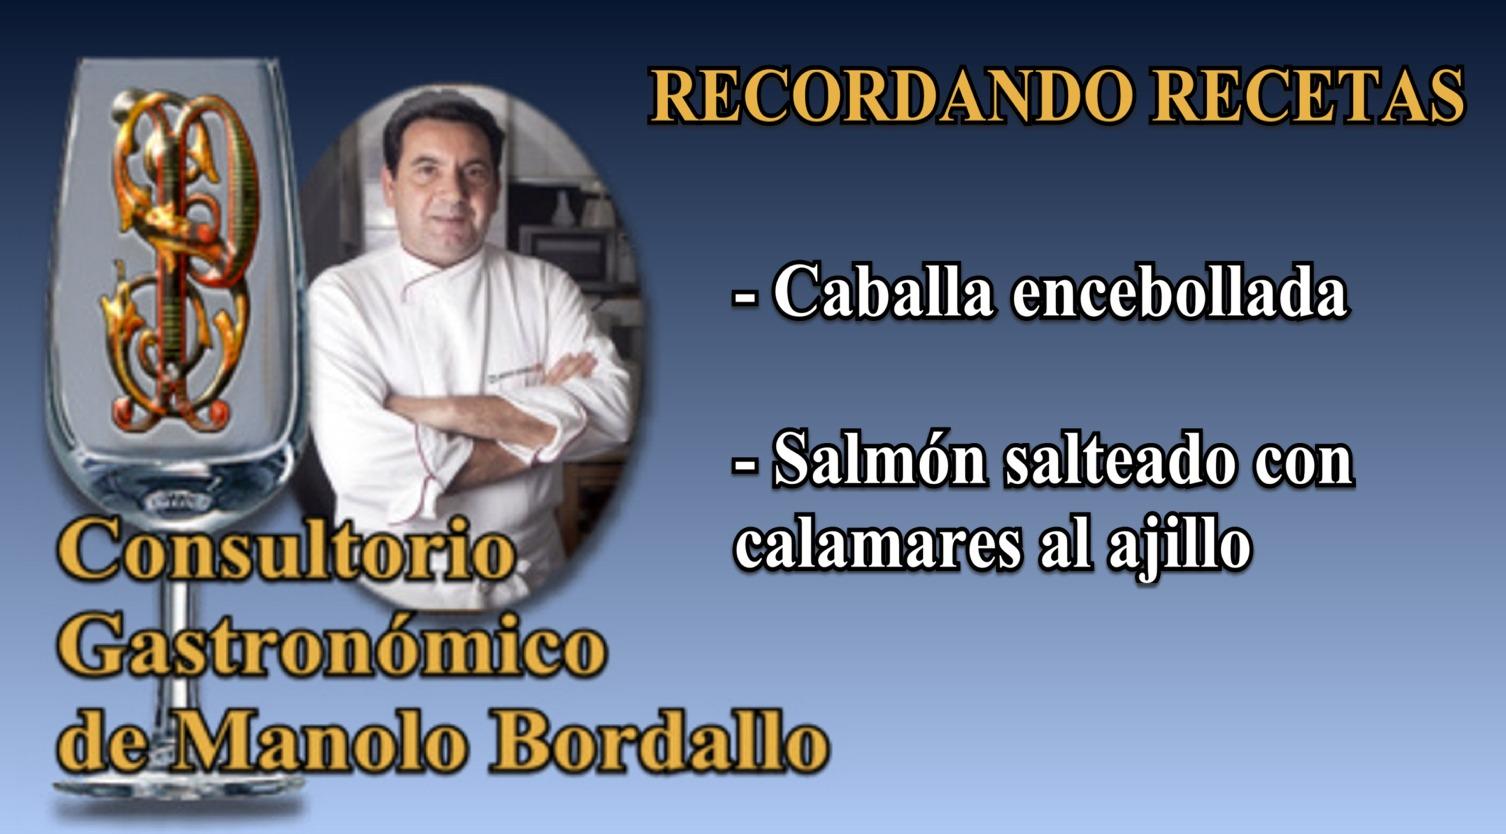 04-recordando-recetas-del-consultorio-gastronomico-de-manolo-bordallo